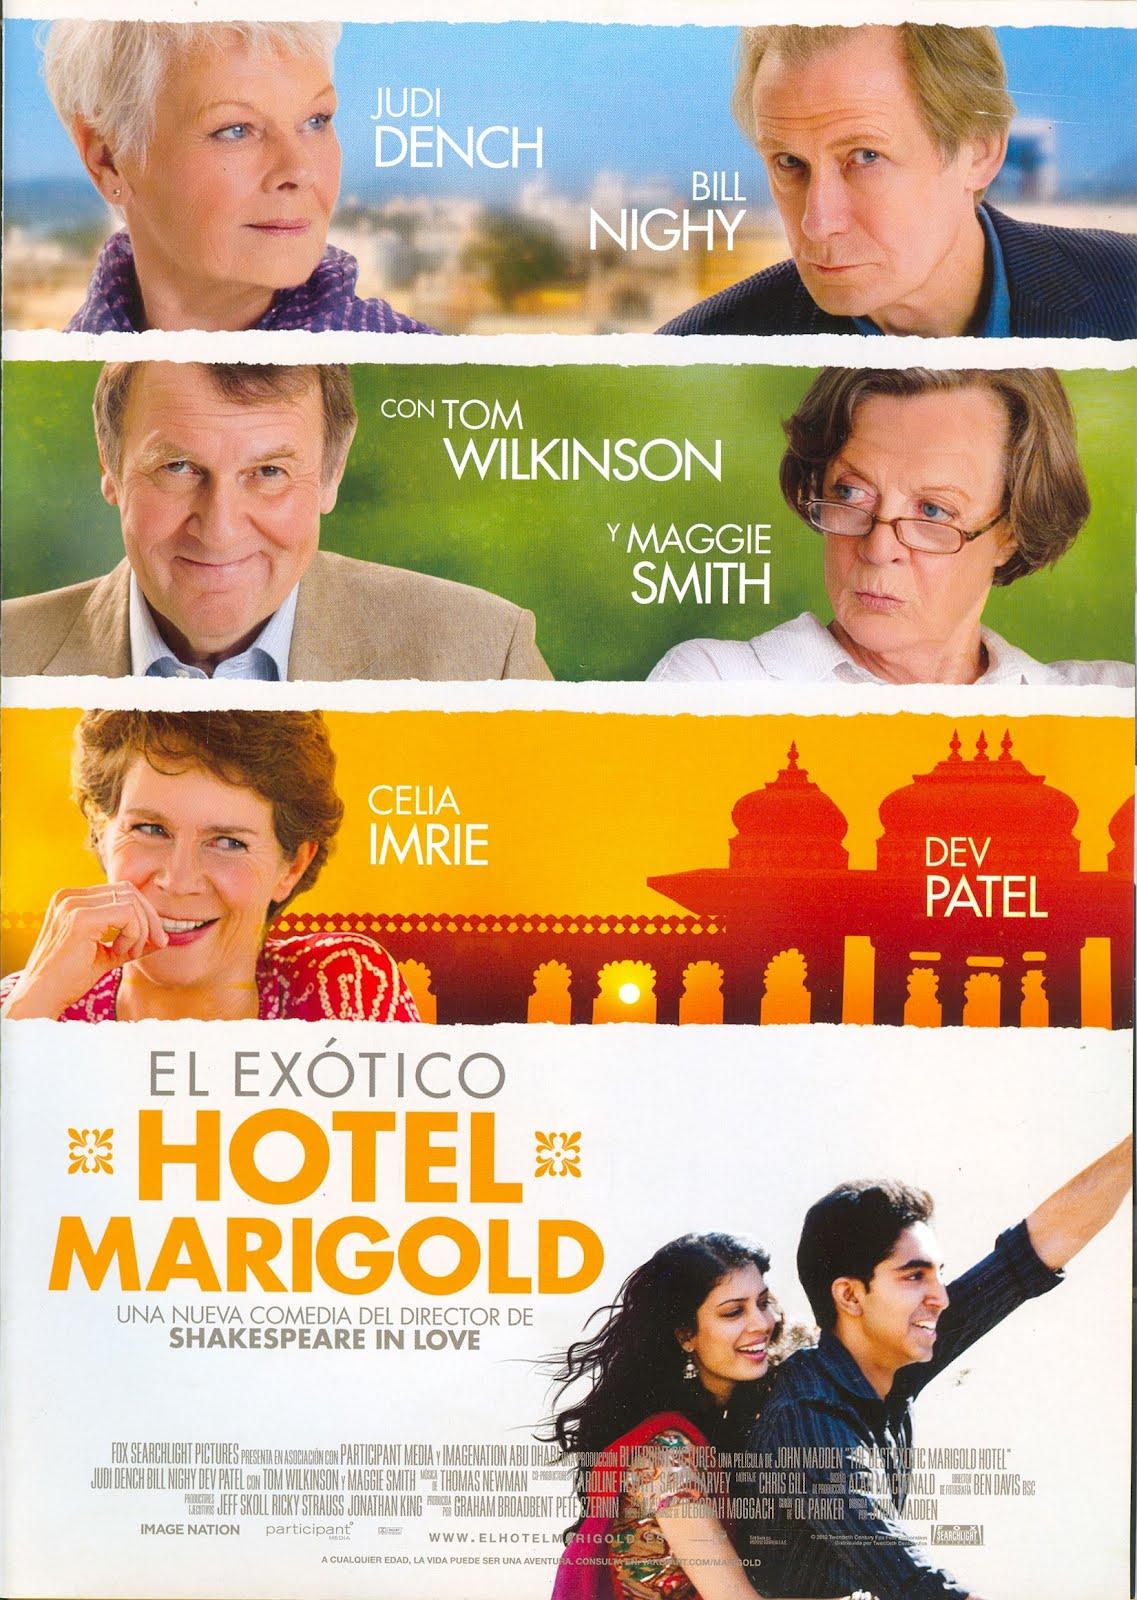 ¿cuala es la última película o filme que has visto? - Página 7 El+Exotico_Hotel_Marigold